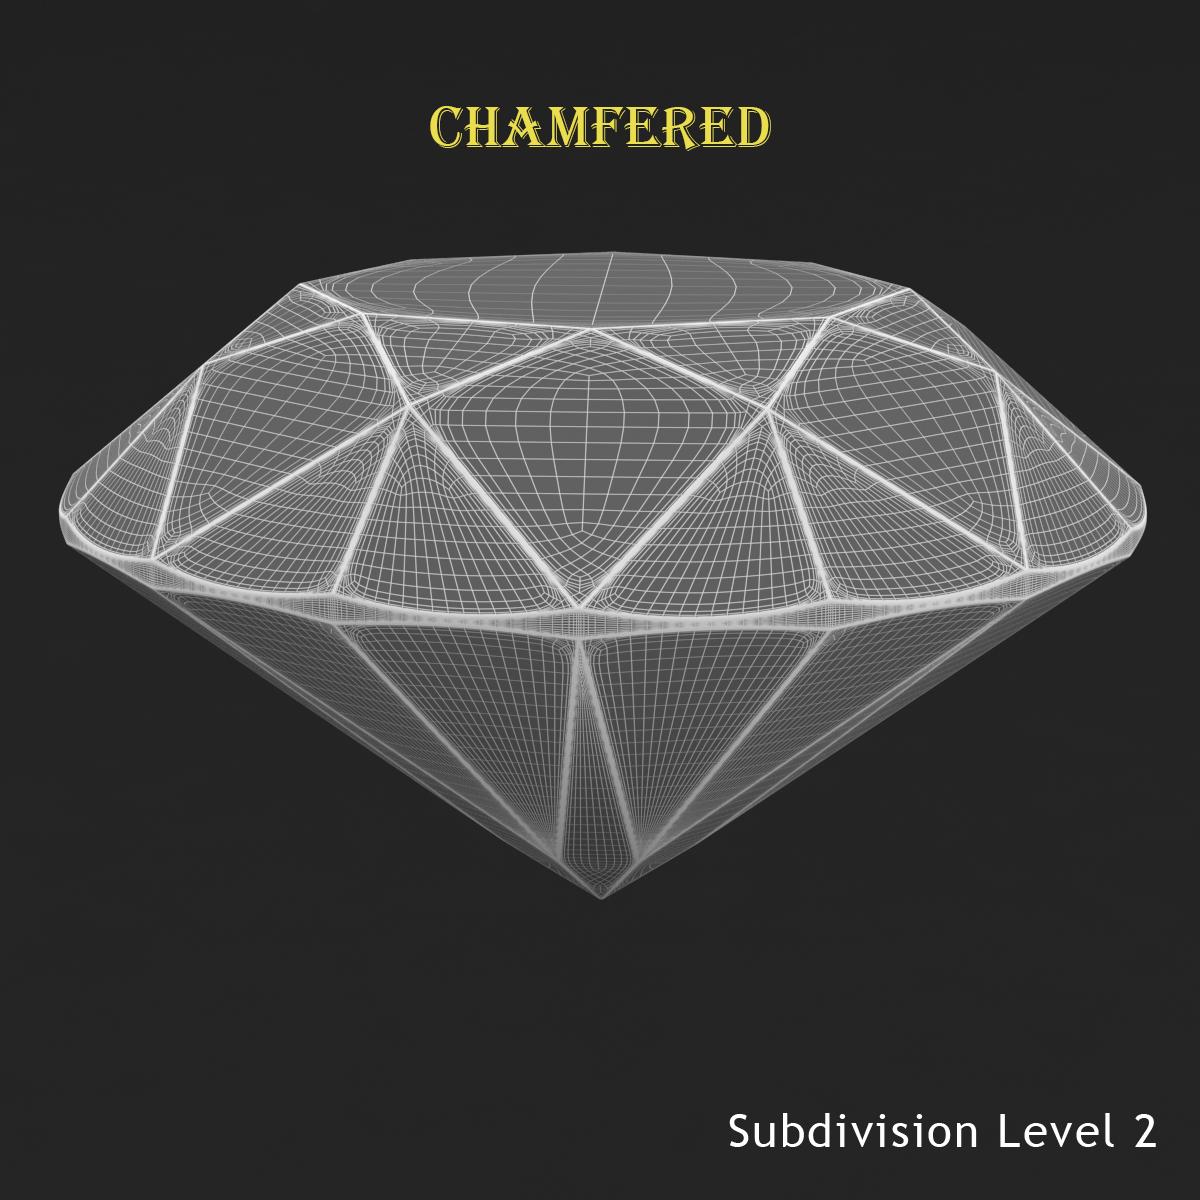 round brilliant diamond 3d model 3ds max dxf dwg fbx c4d ma mb 3dm  obj 283541